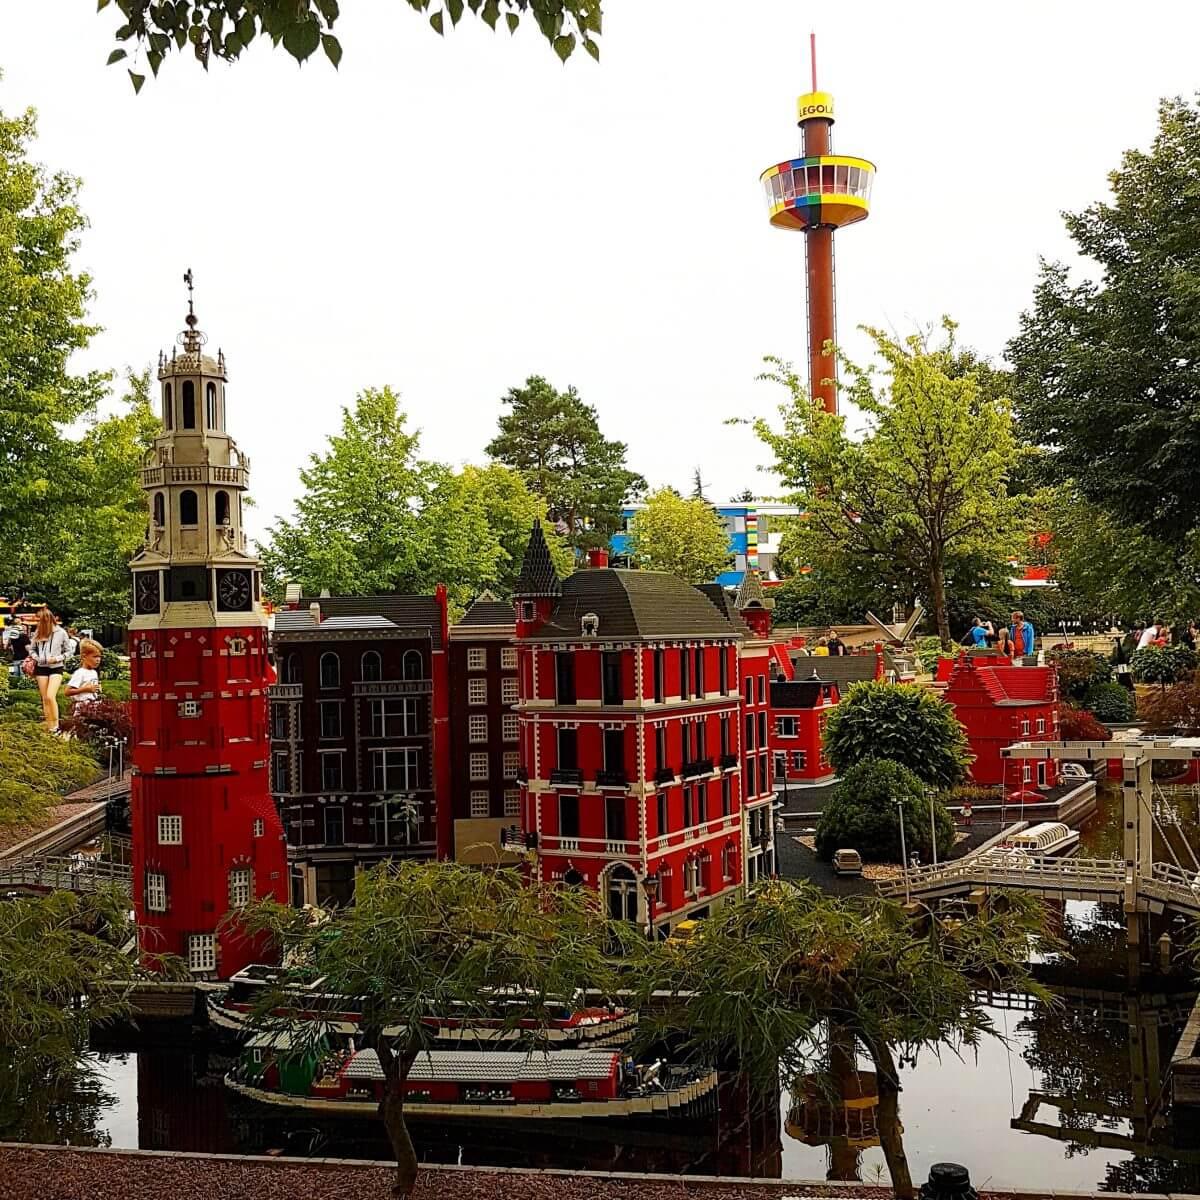 Legoland met kinderen: alles wat je wil weten, Miniland Legotop #leukmetkids #legoland #Denemarken #kinderen